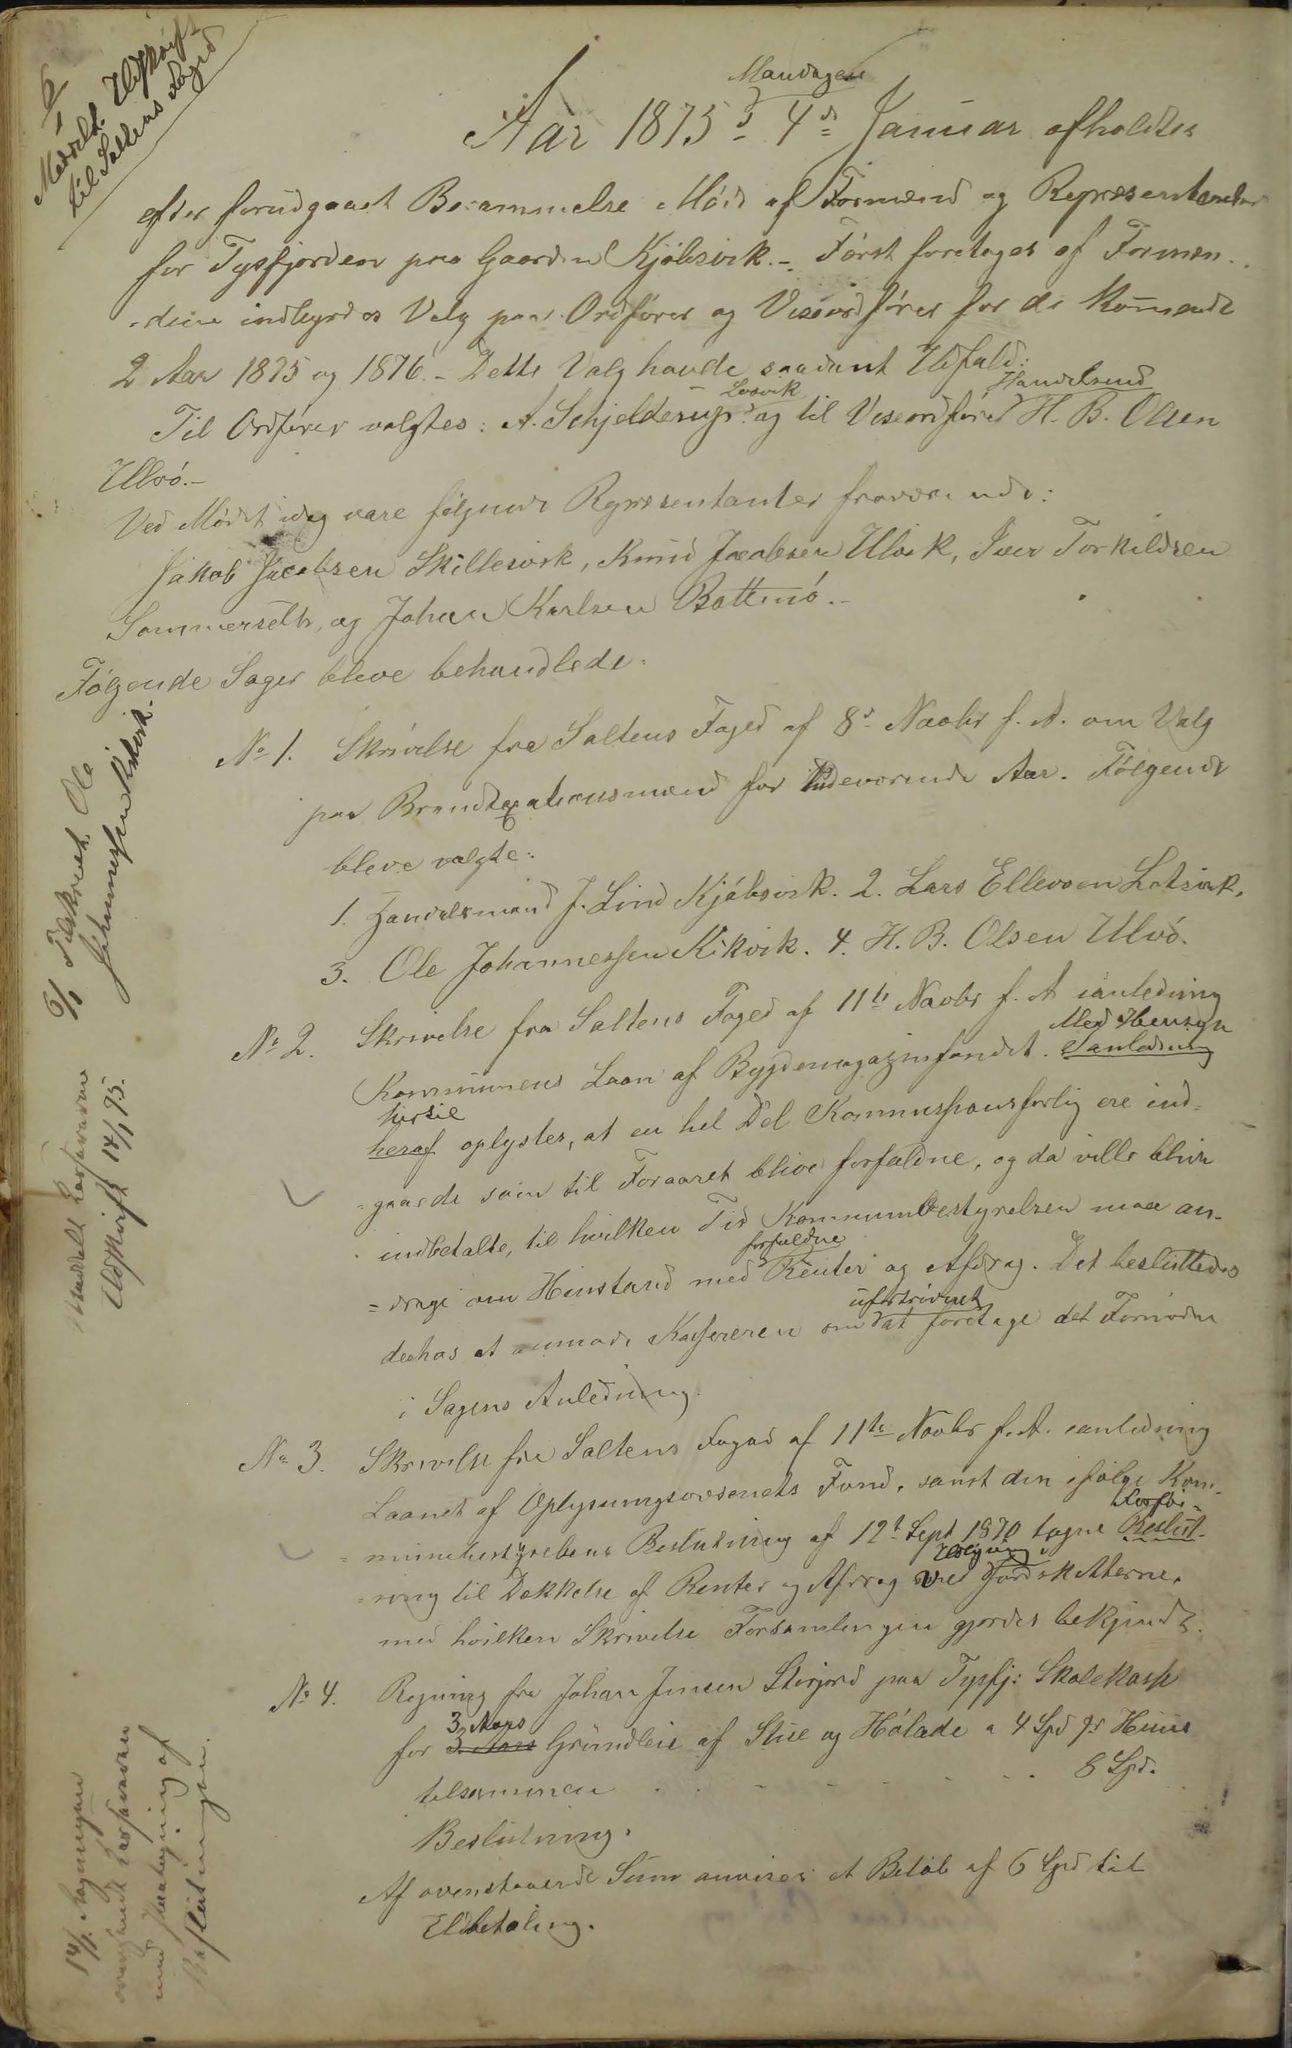 AIN, Tysfjord kommune. Formannskapet, 100/L0001: Forhandlingsprotokoll for Tysfjordens formandskab, 1869-1895, s. 33b